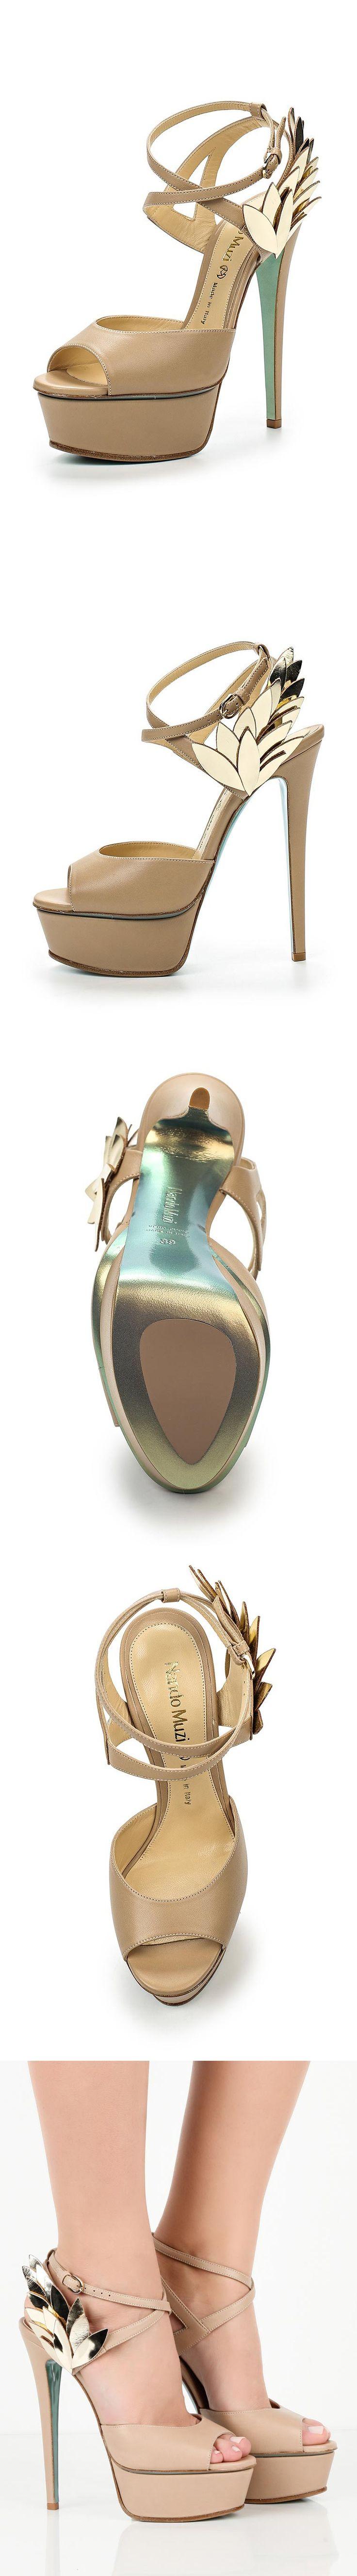 Женская обувь босоножки Nando Muzi за 36199.00 руб.